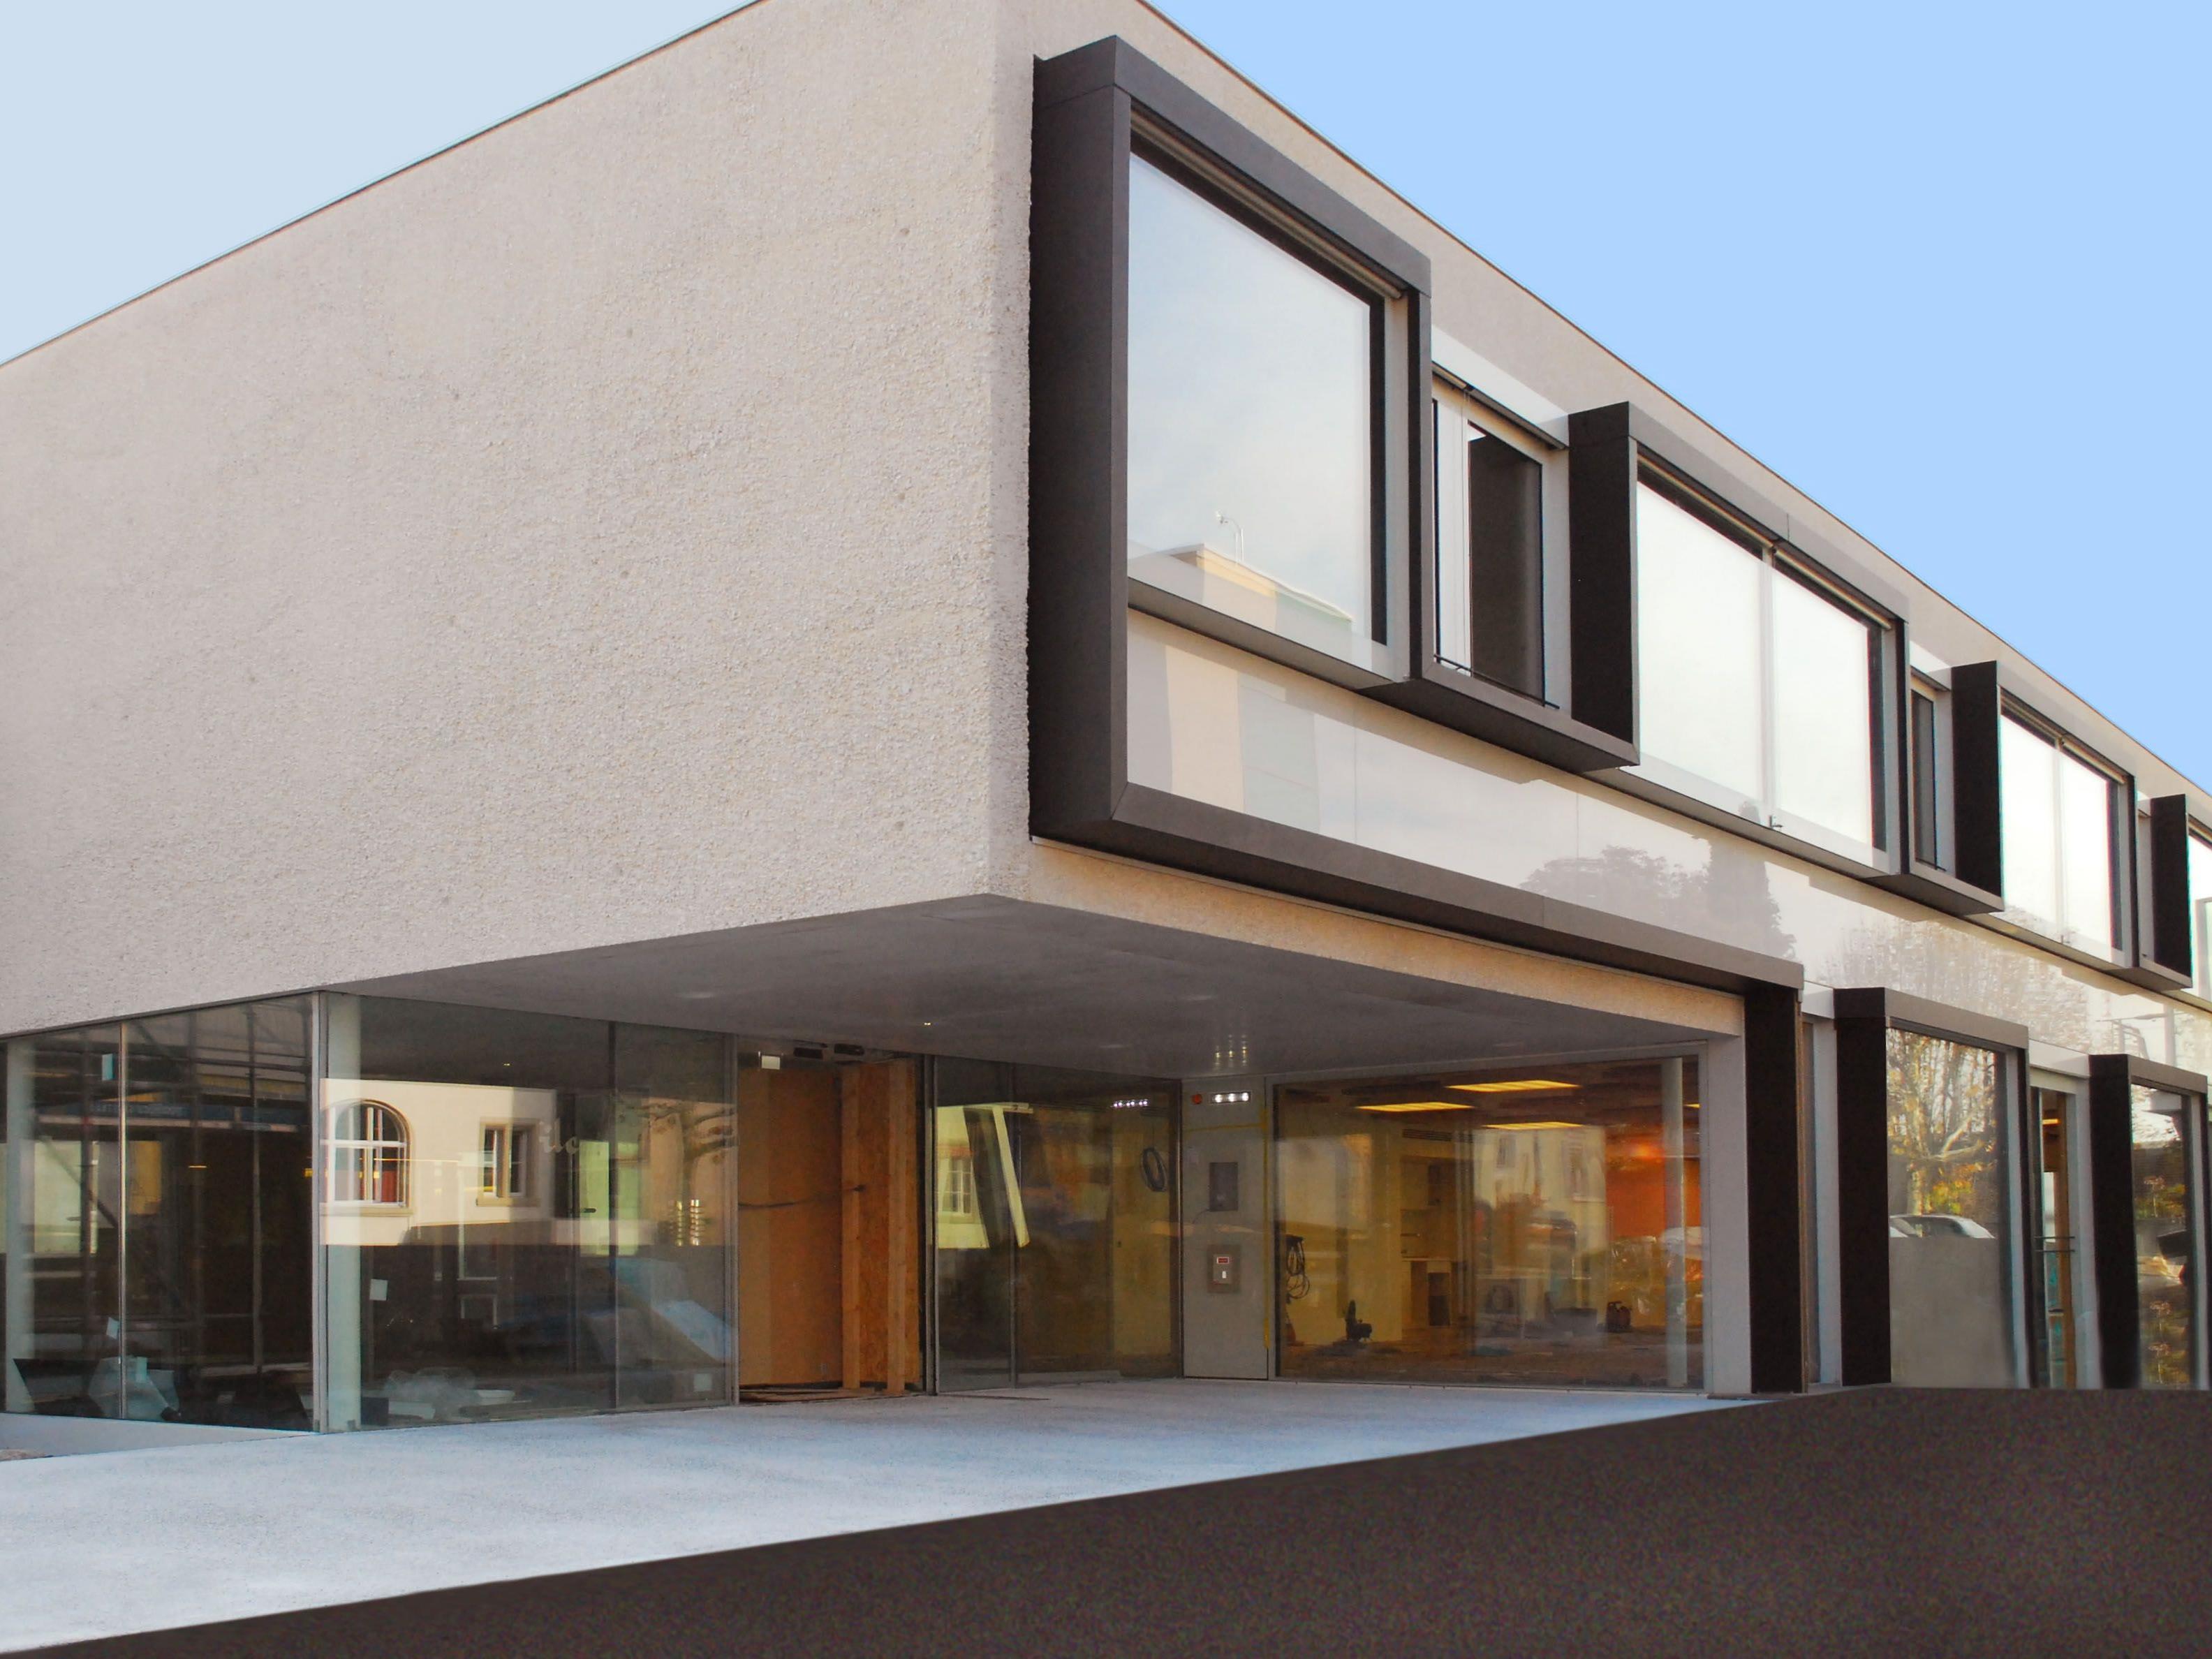 Das neue Haus Klosterreben wird nun feierlich eröffnet